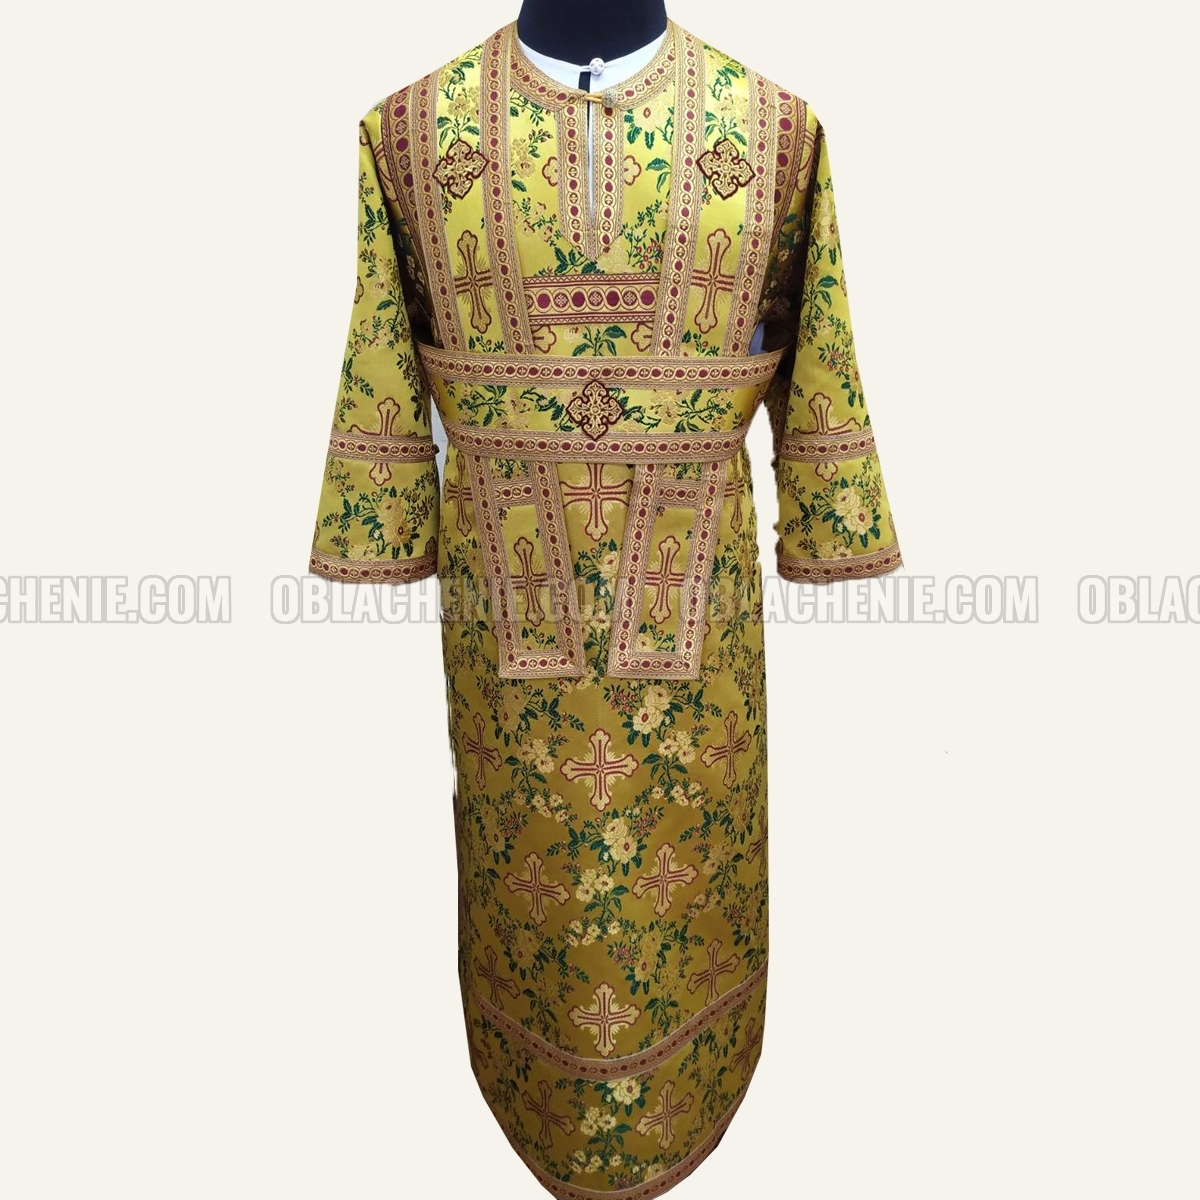 Subdeacon's vestments 11107